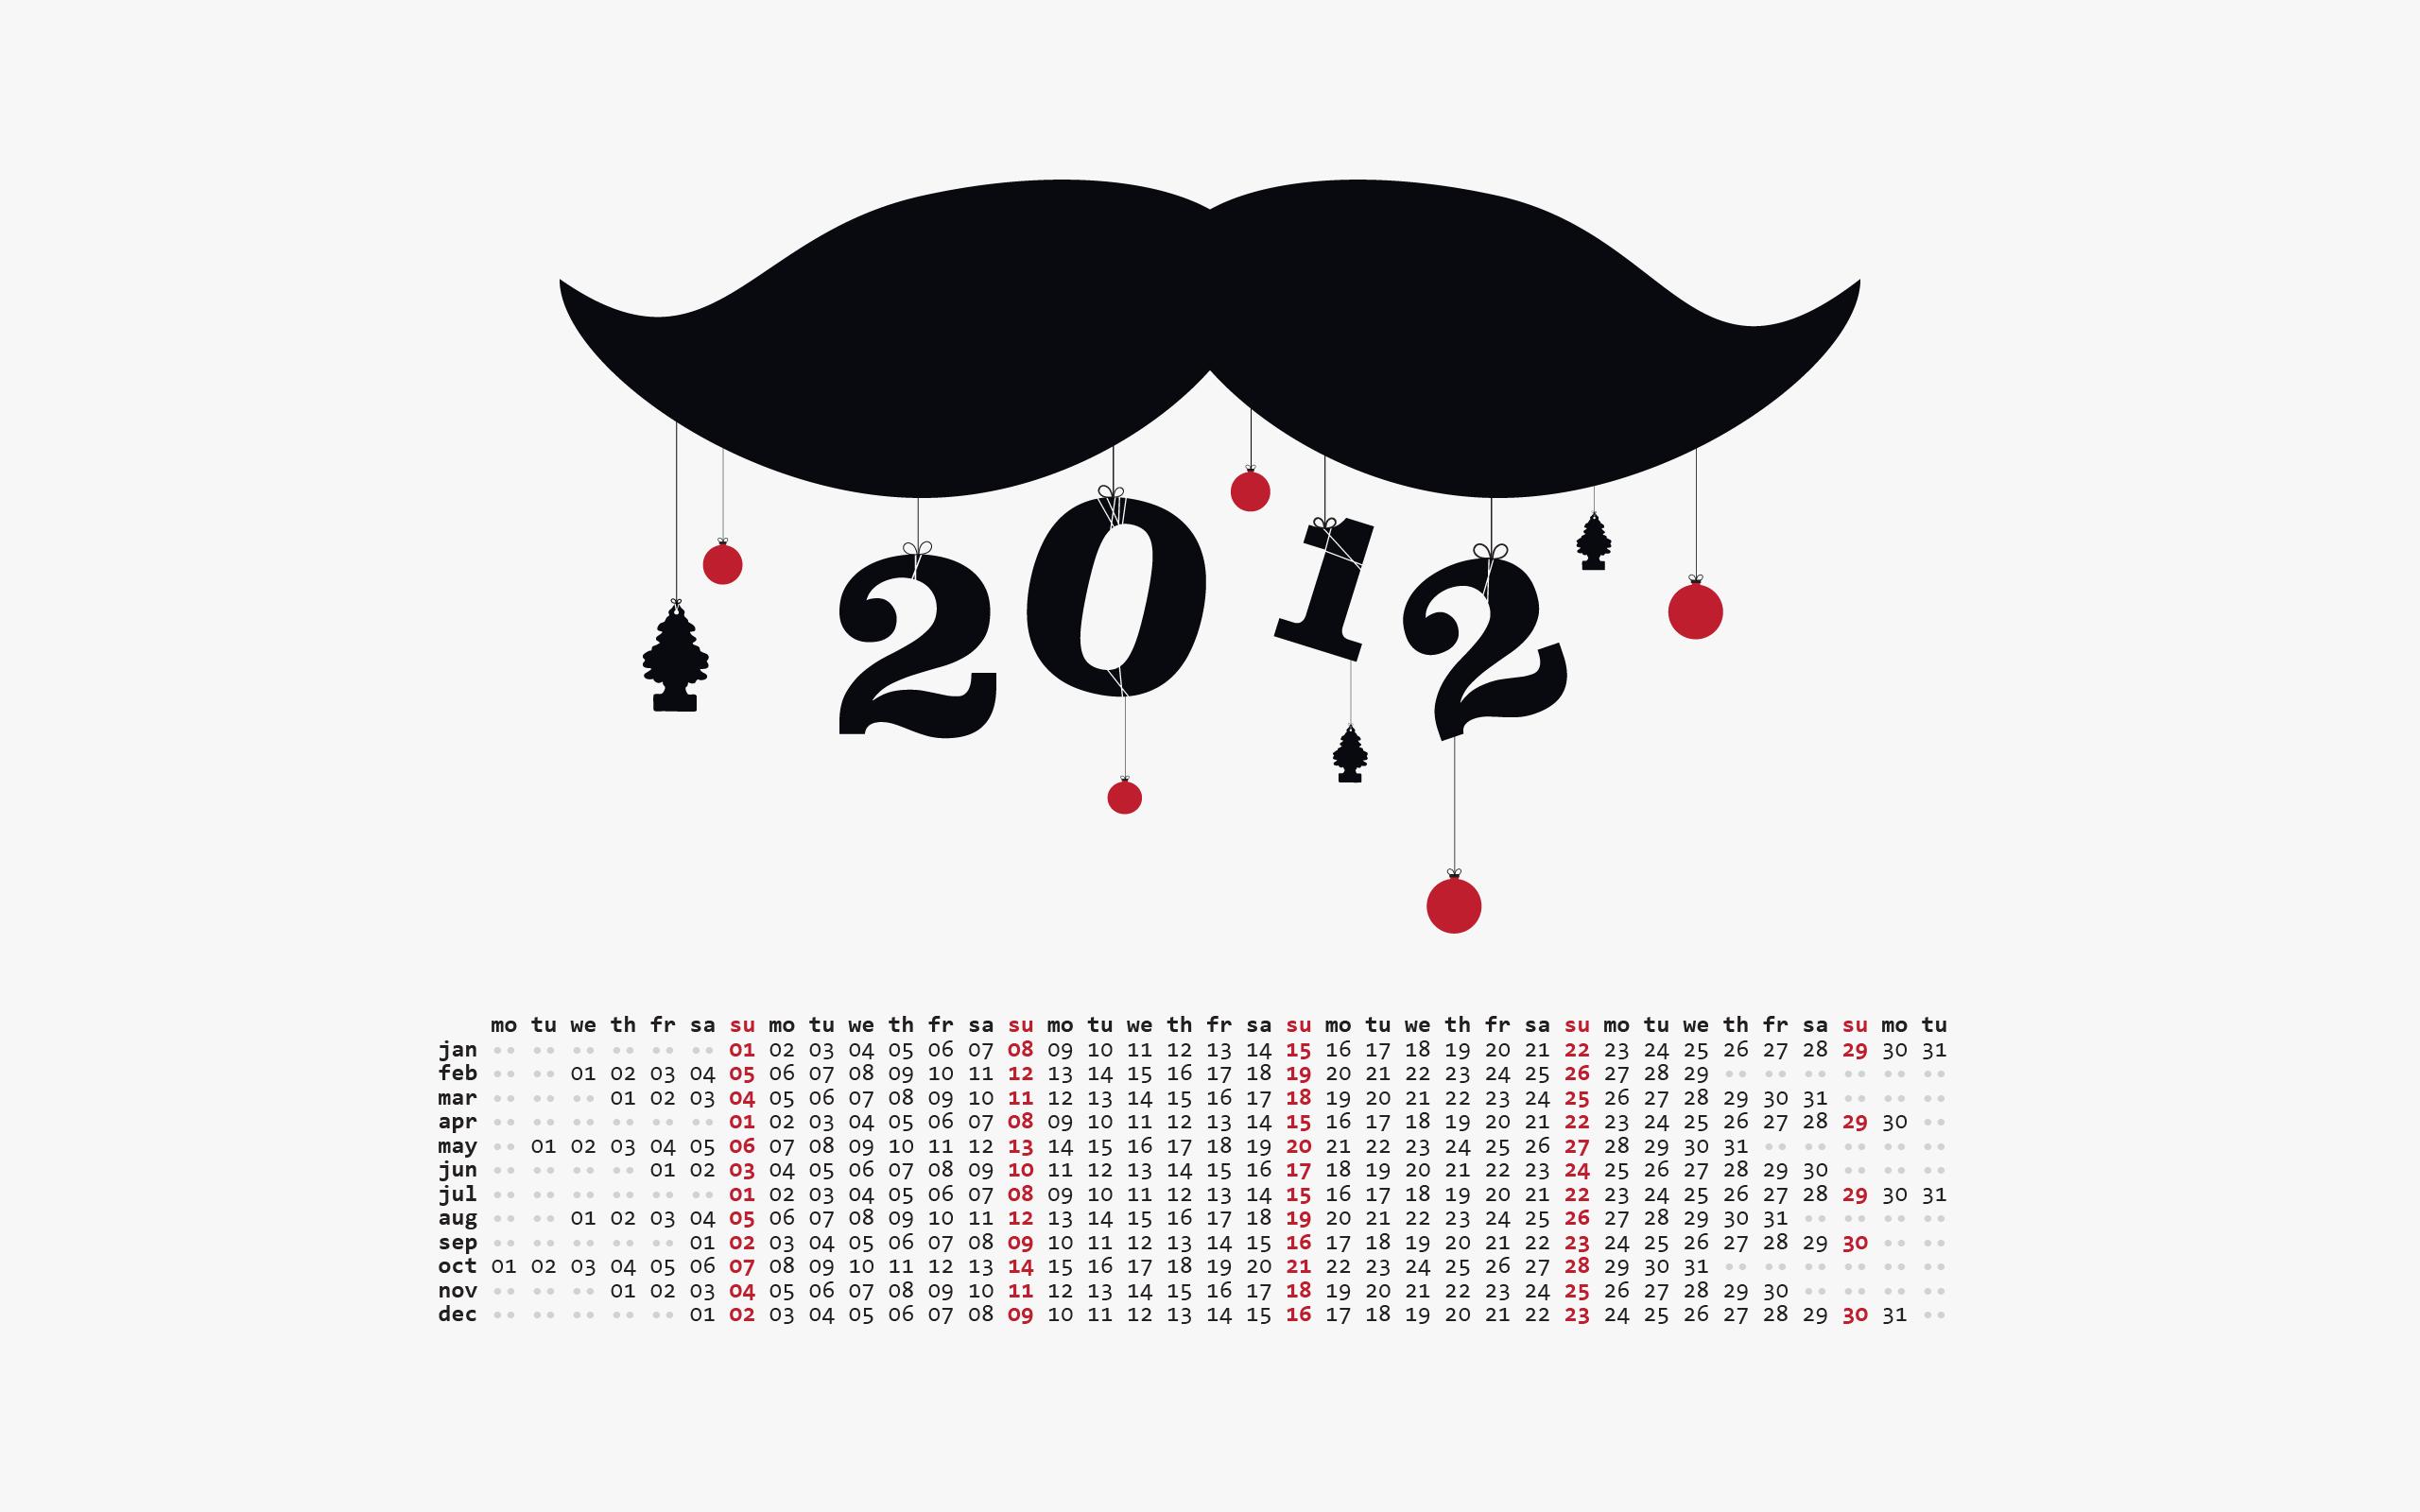 Объемный календарь на 2015 год для распечатки.  Гигантская раскраска для храбрых, Кирка и меч Майнкрафт для...